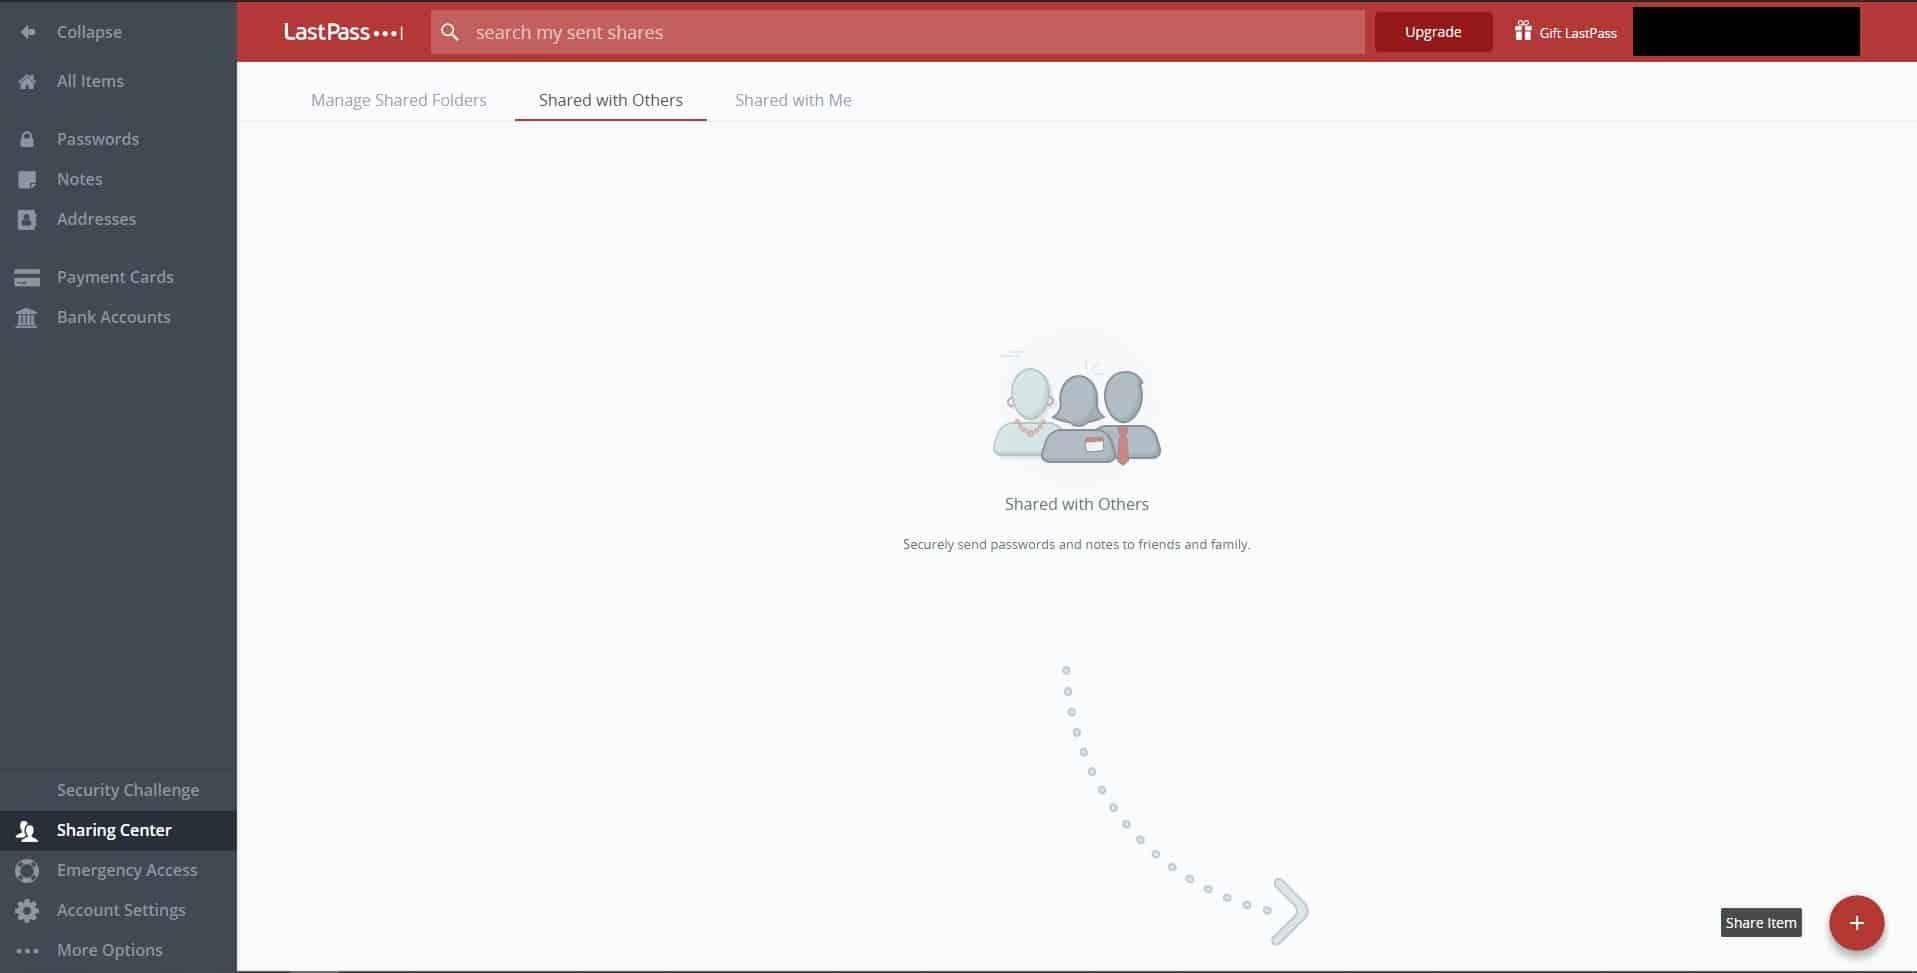 Плюсы и минусы LastPass: предоставление доступа